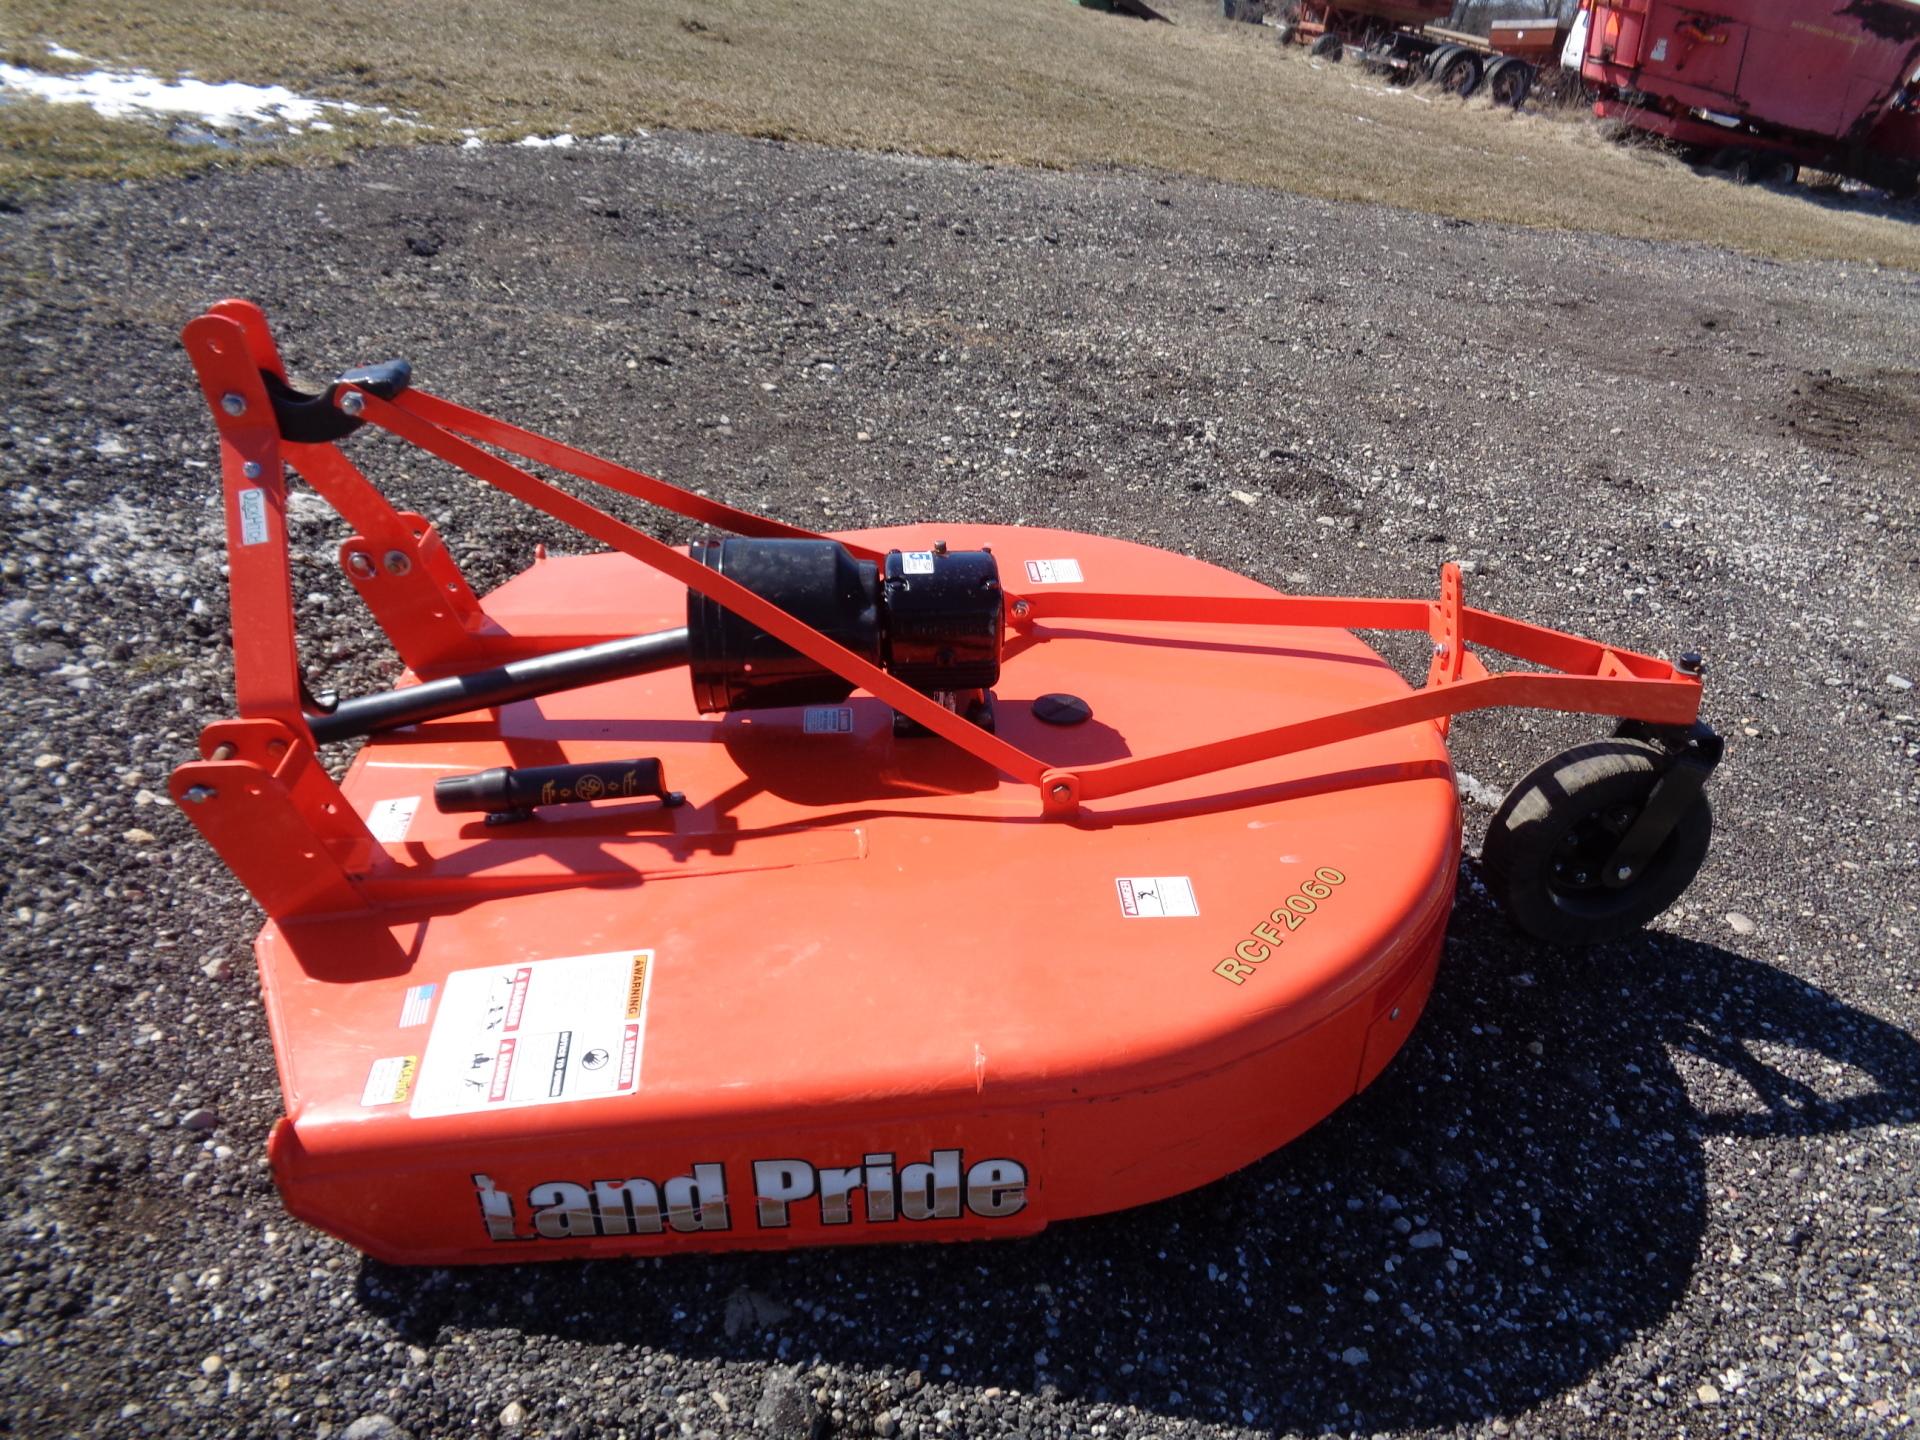 LandPride RCF2060     $1650